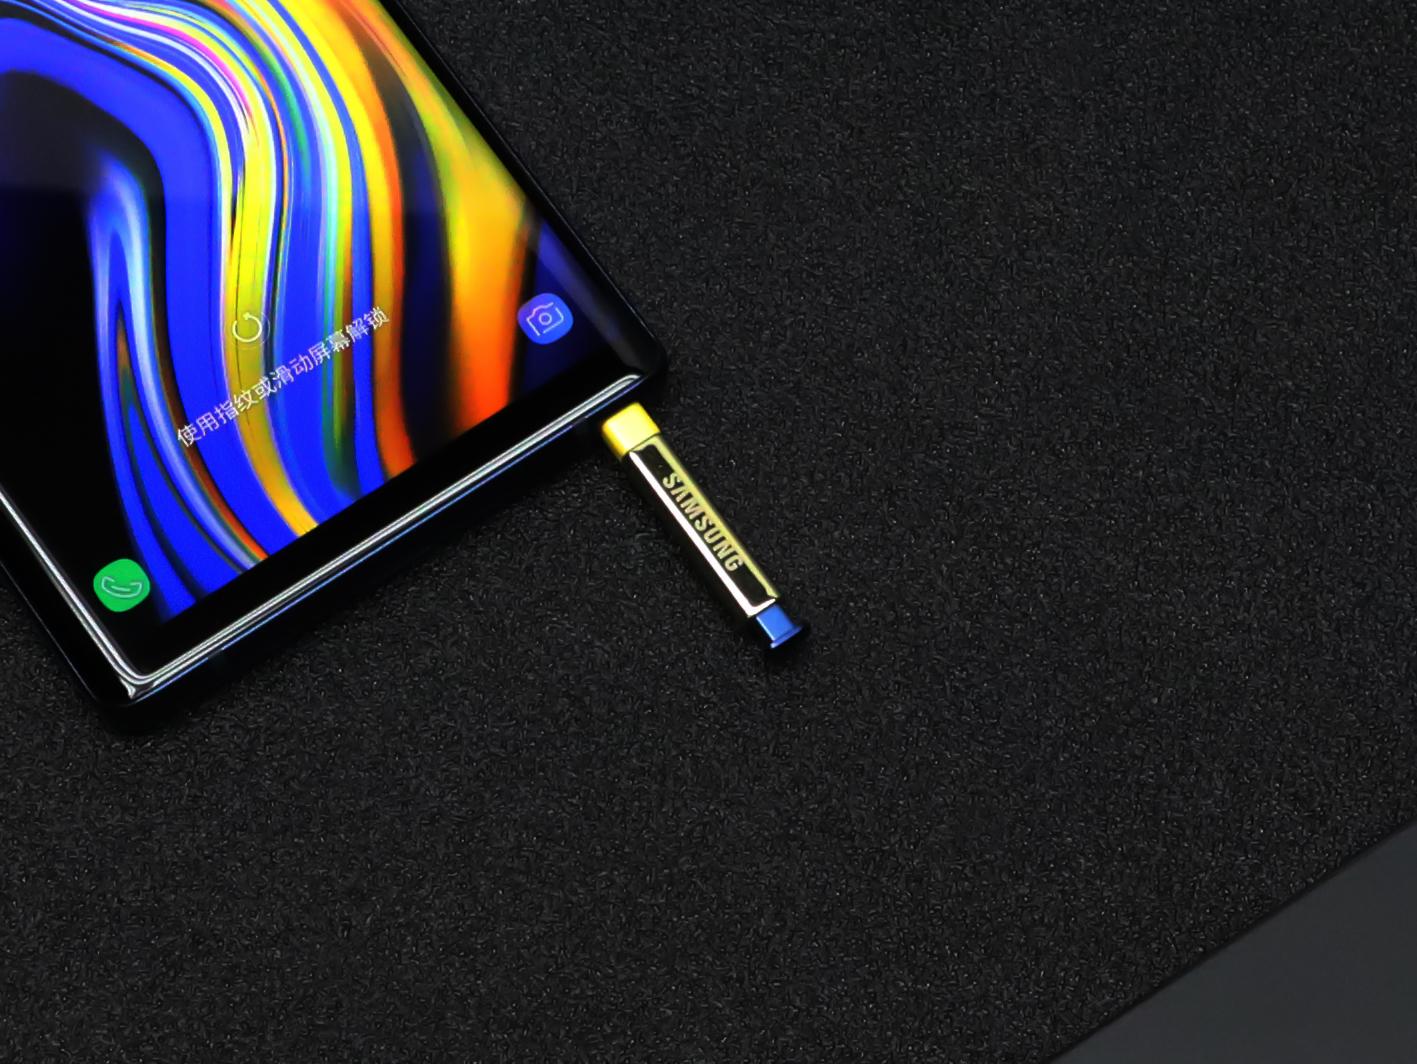 共15项功能 三星Galaxy Note 9 S Pen全体验